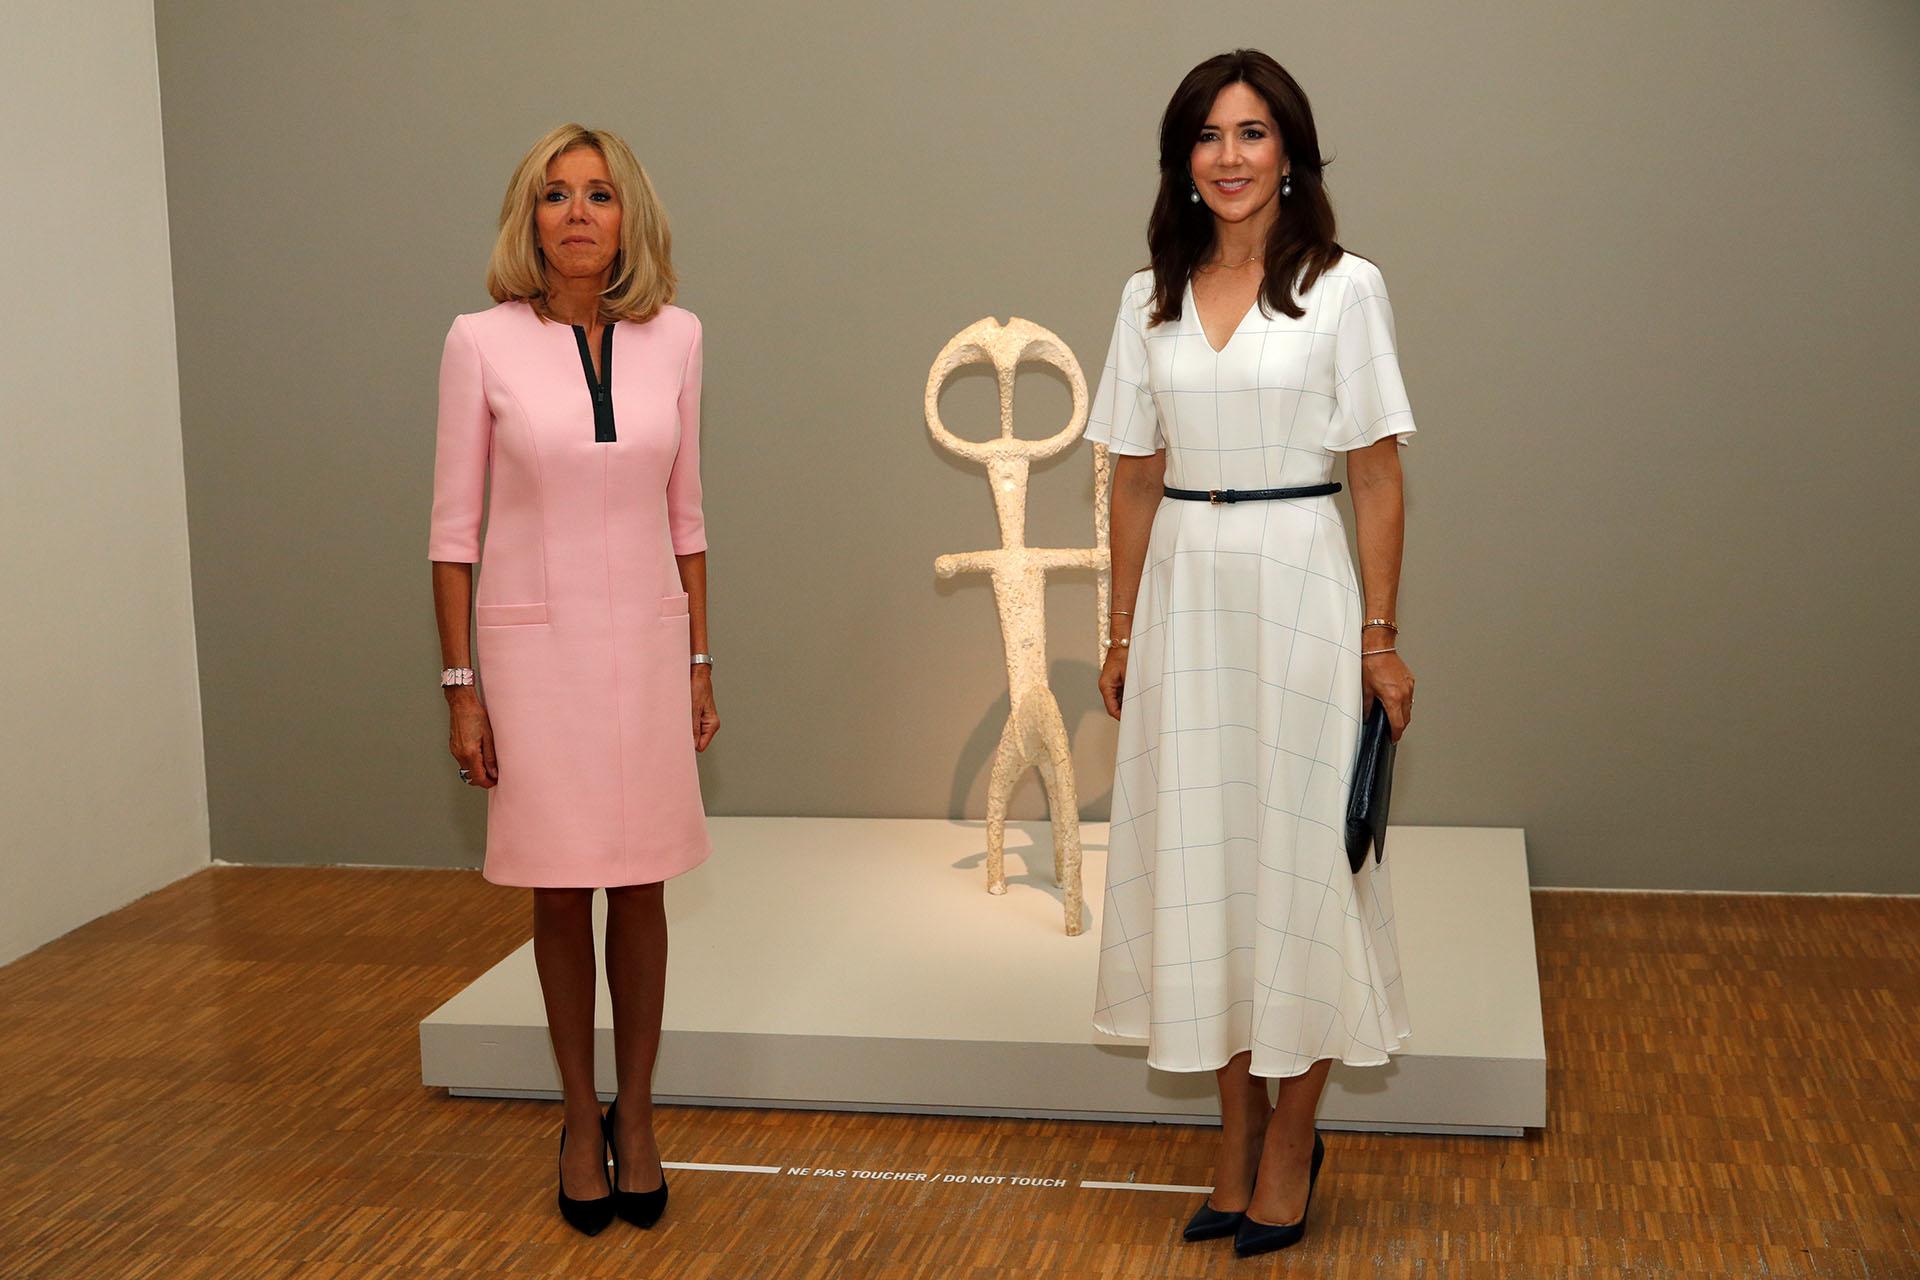 Brigitte y Mary asistieron a una conferencia sobre salud en la Casa de Dinamarca